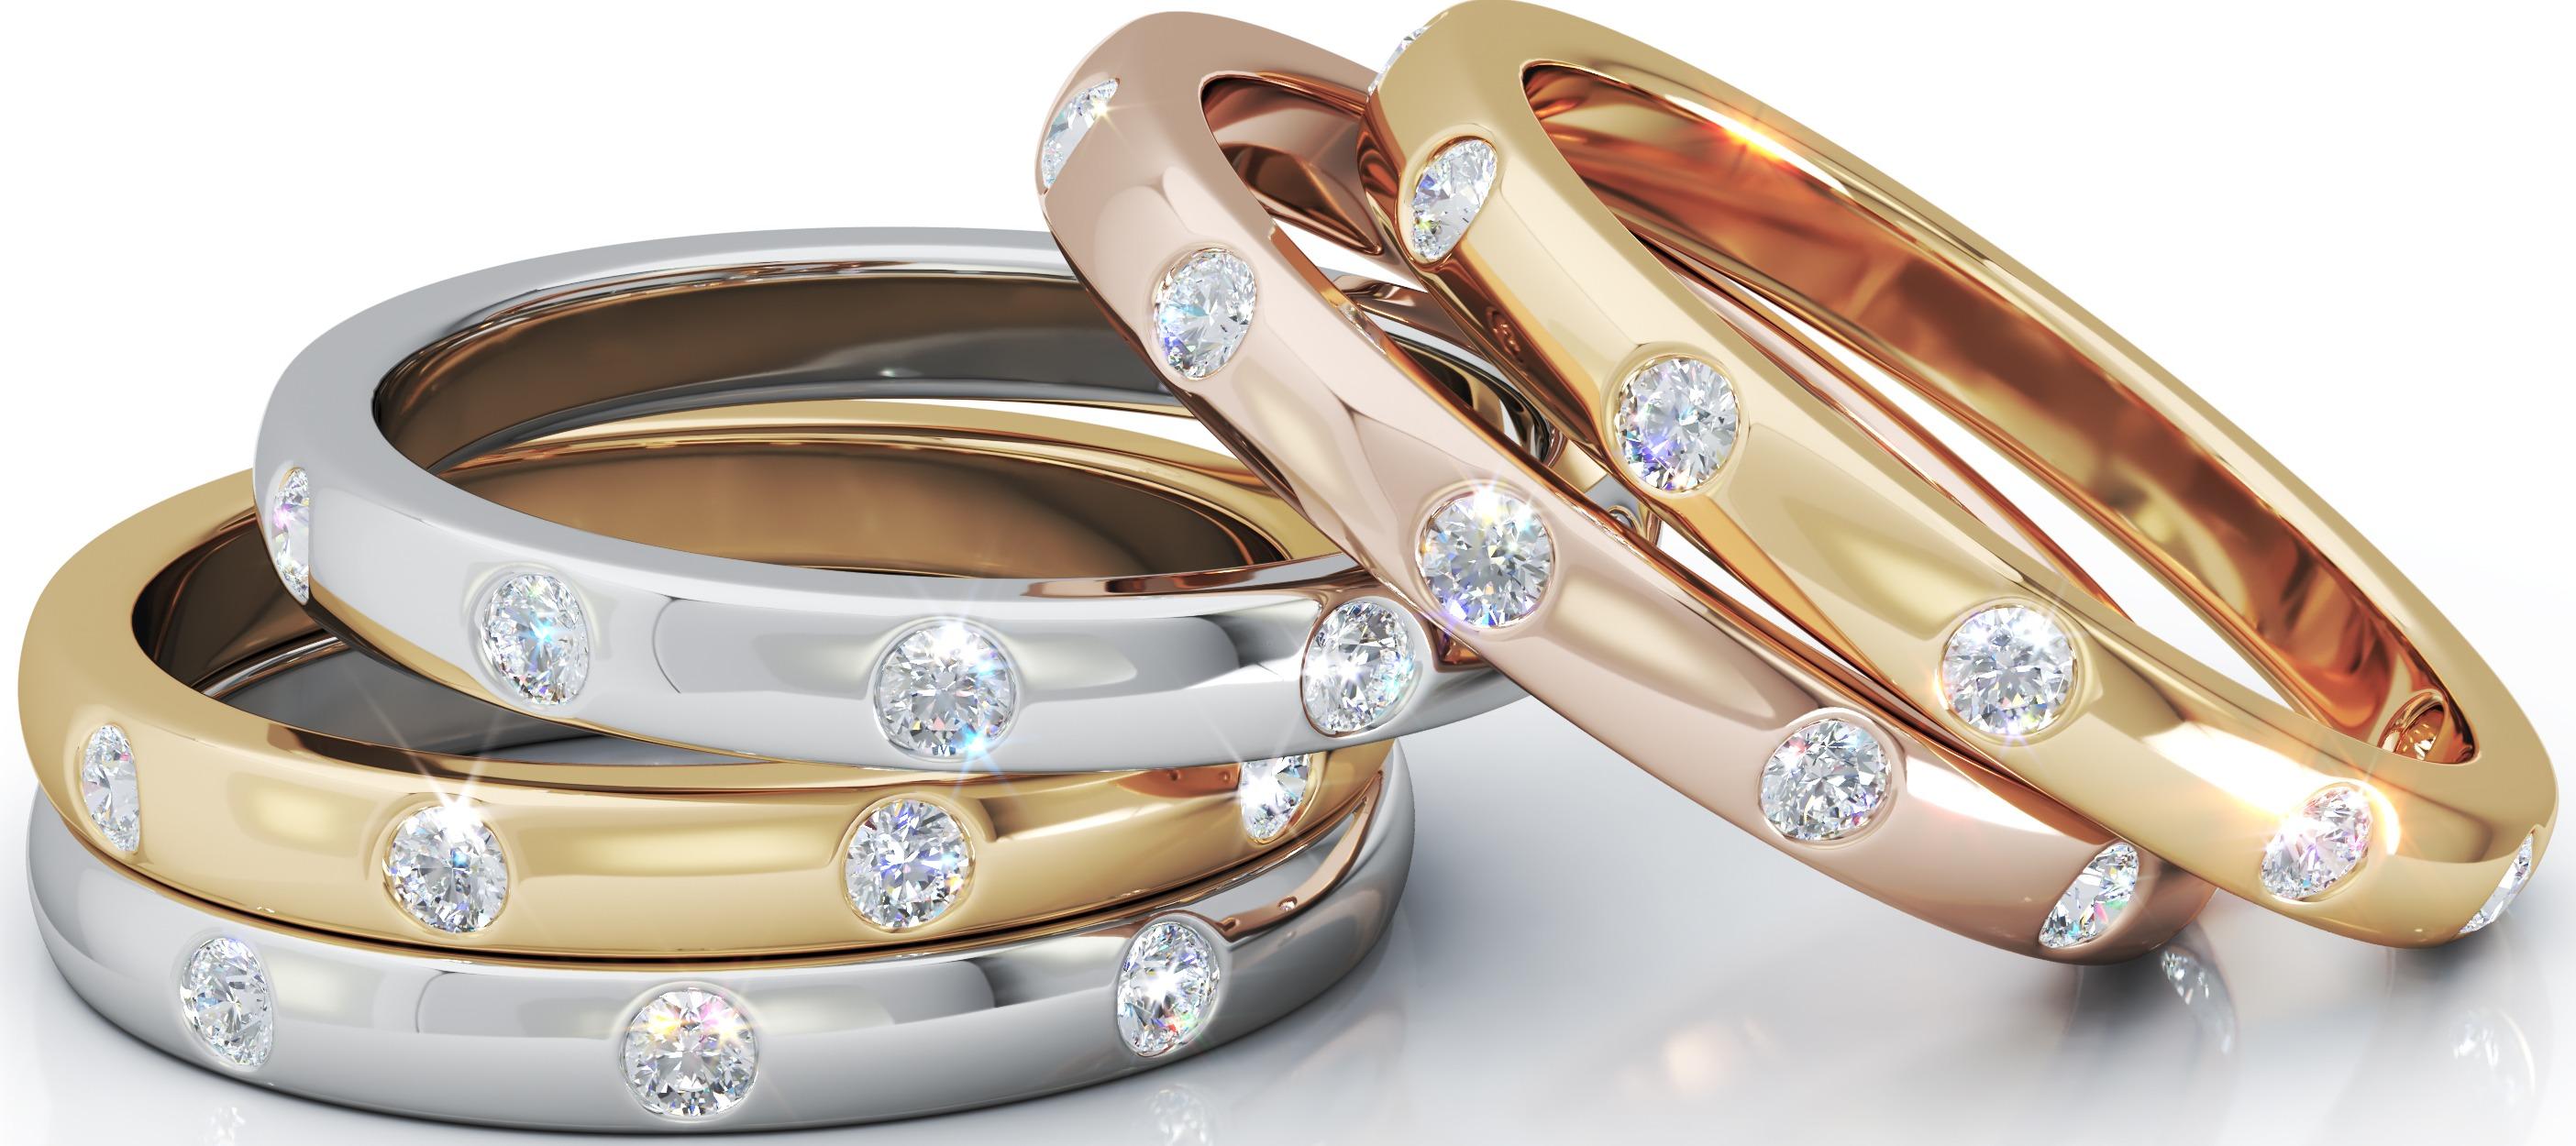 The Milestone Diamond Ring